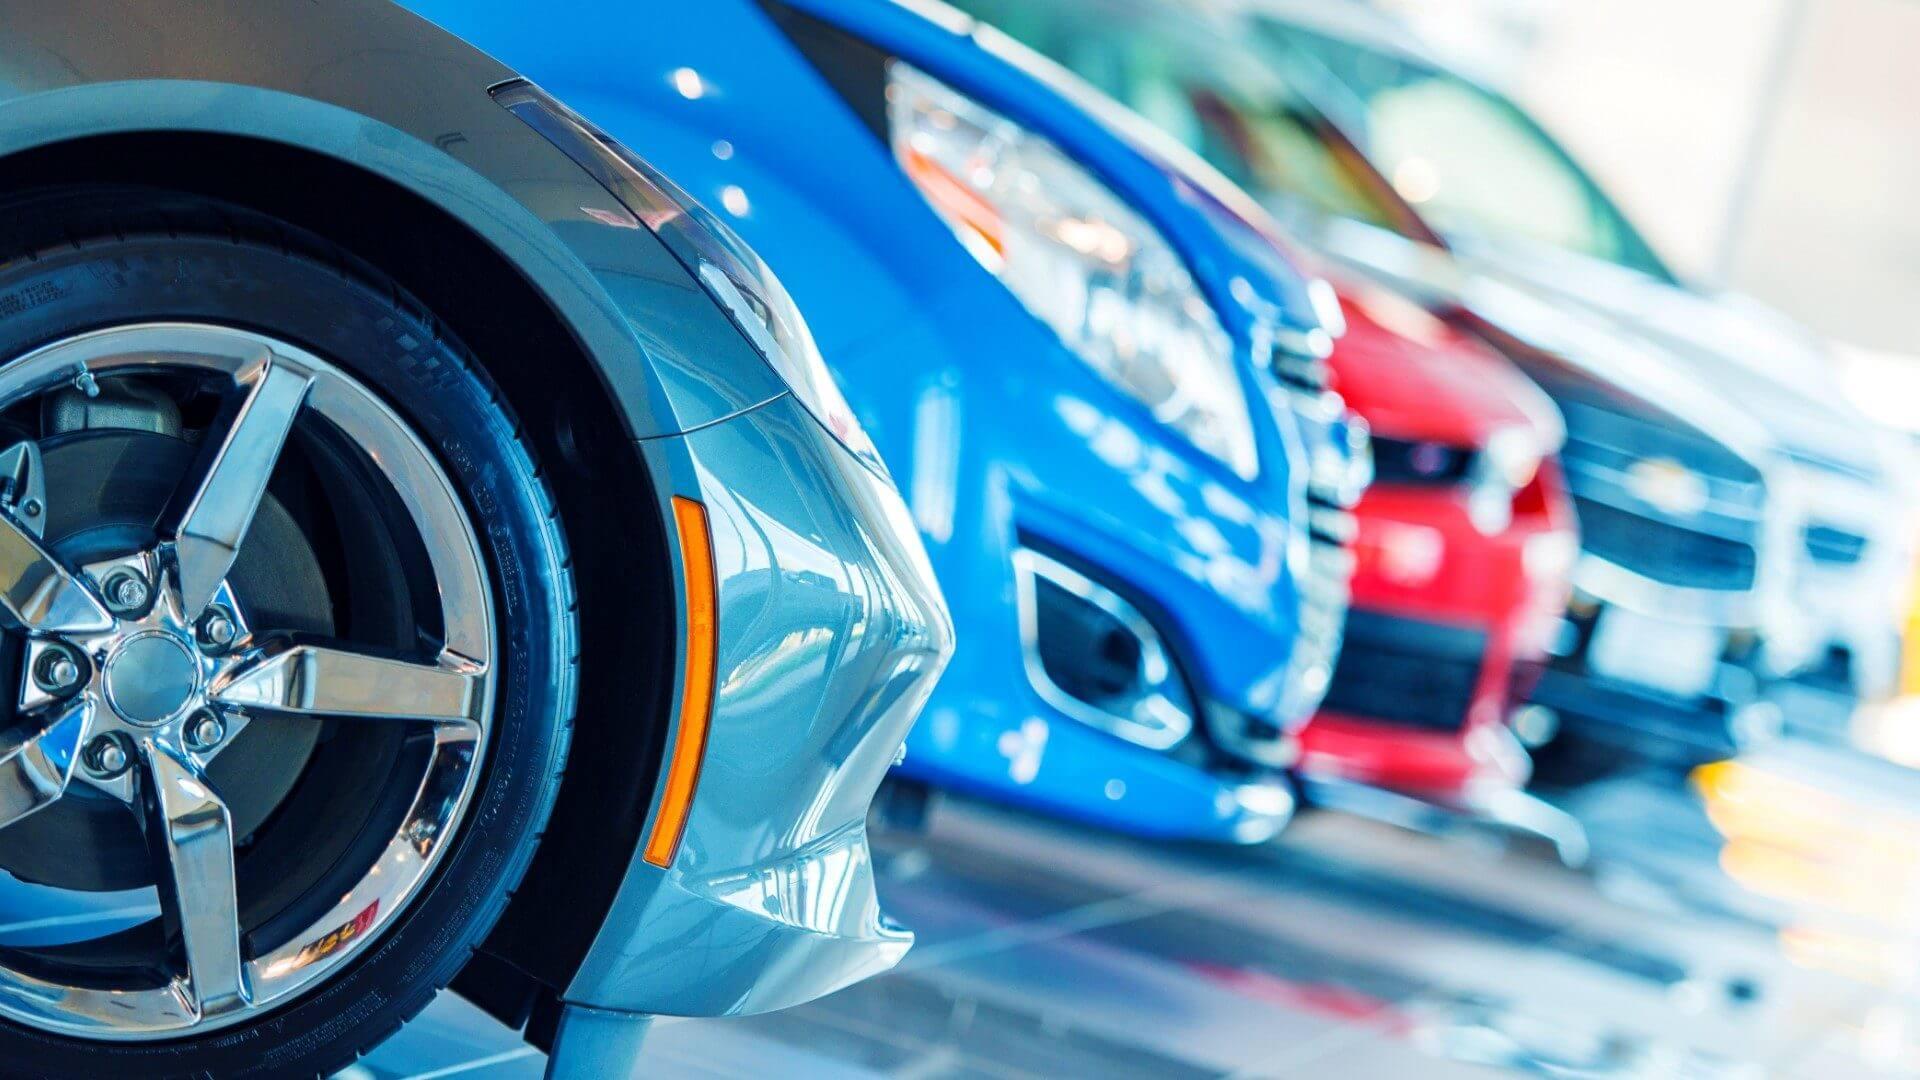 Autohaus Filobok Automobile - Ihr Spezialist für Neufahrzeuge & EU-Neuwagen, Gebrauchtwagen